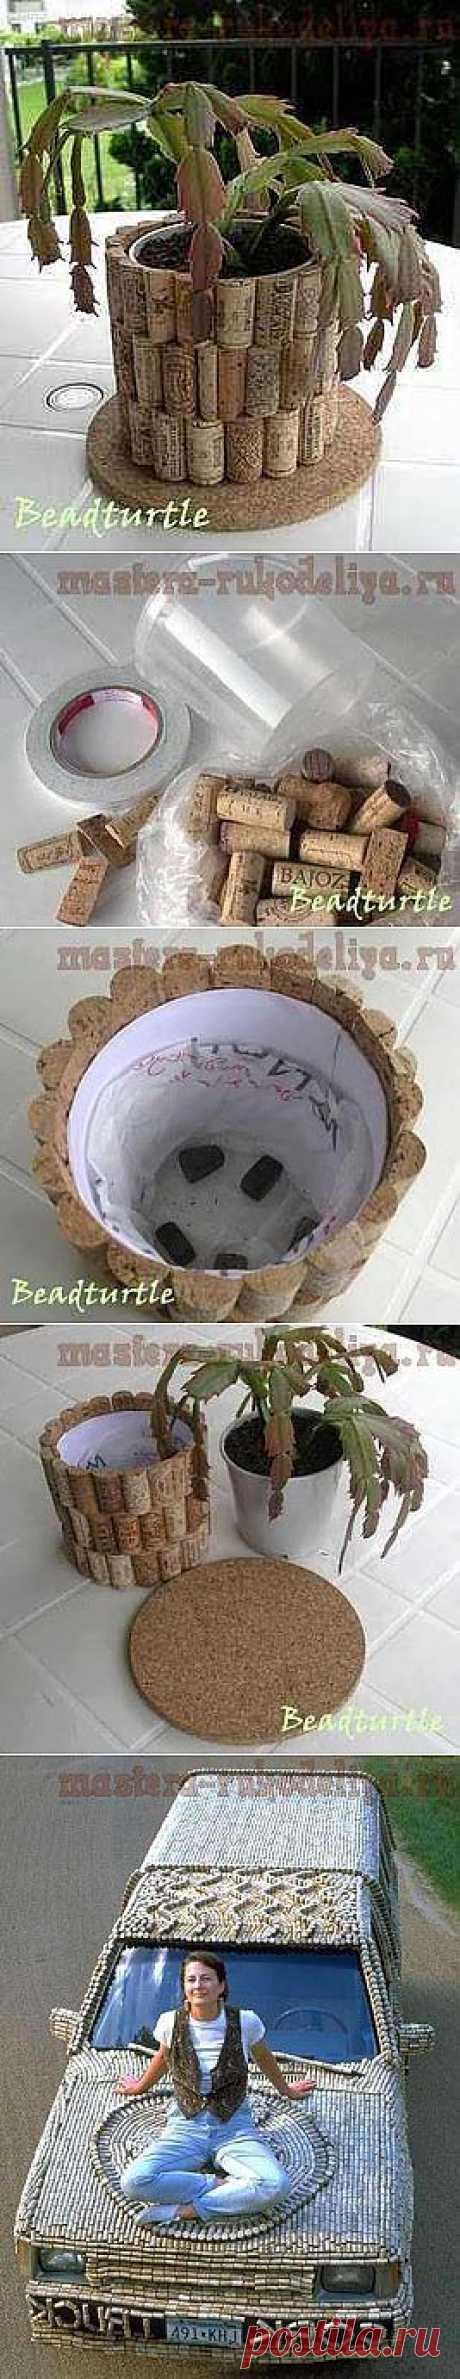 Мастера рукоделия - рукоделие для дома. Бесплатные мастер-классы, фото и видео уроки - Декорирование цветочного горшка пробками от вина